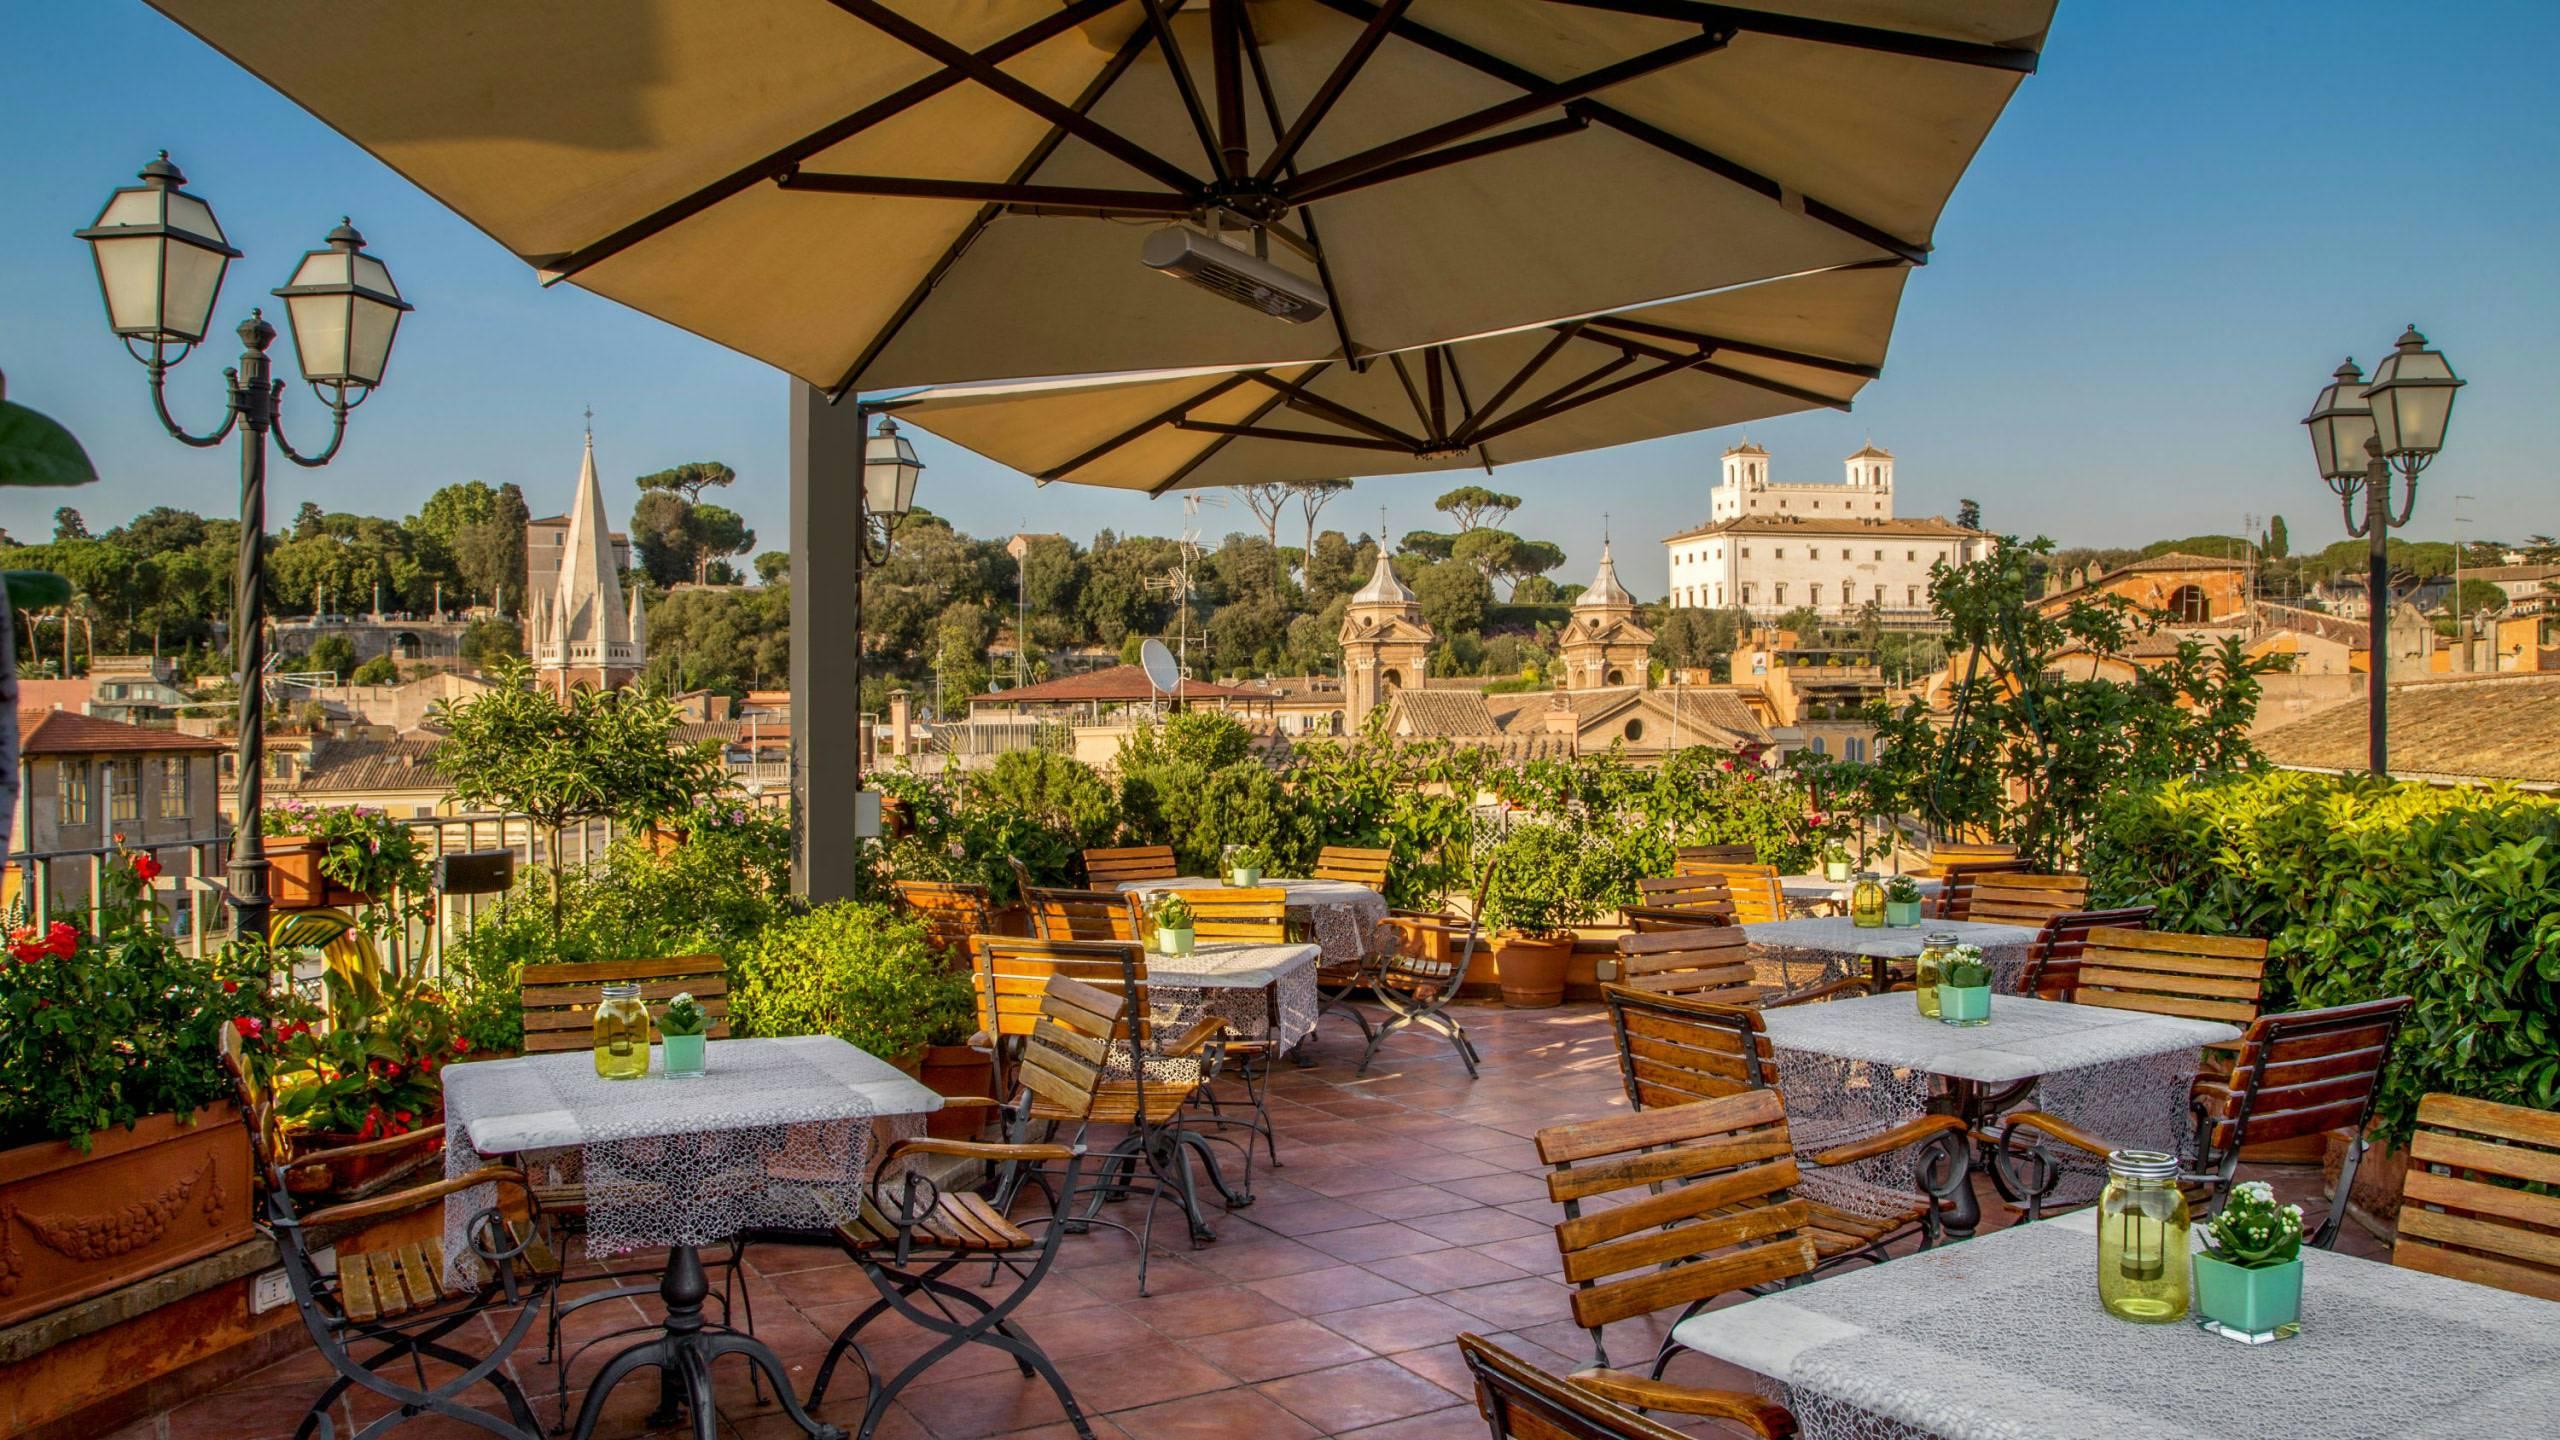 hotel-mozart-roma-terrazza-6010-Hotel-Mozart-Roma